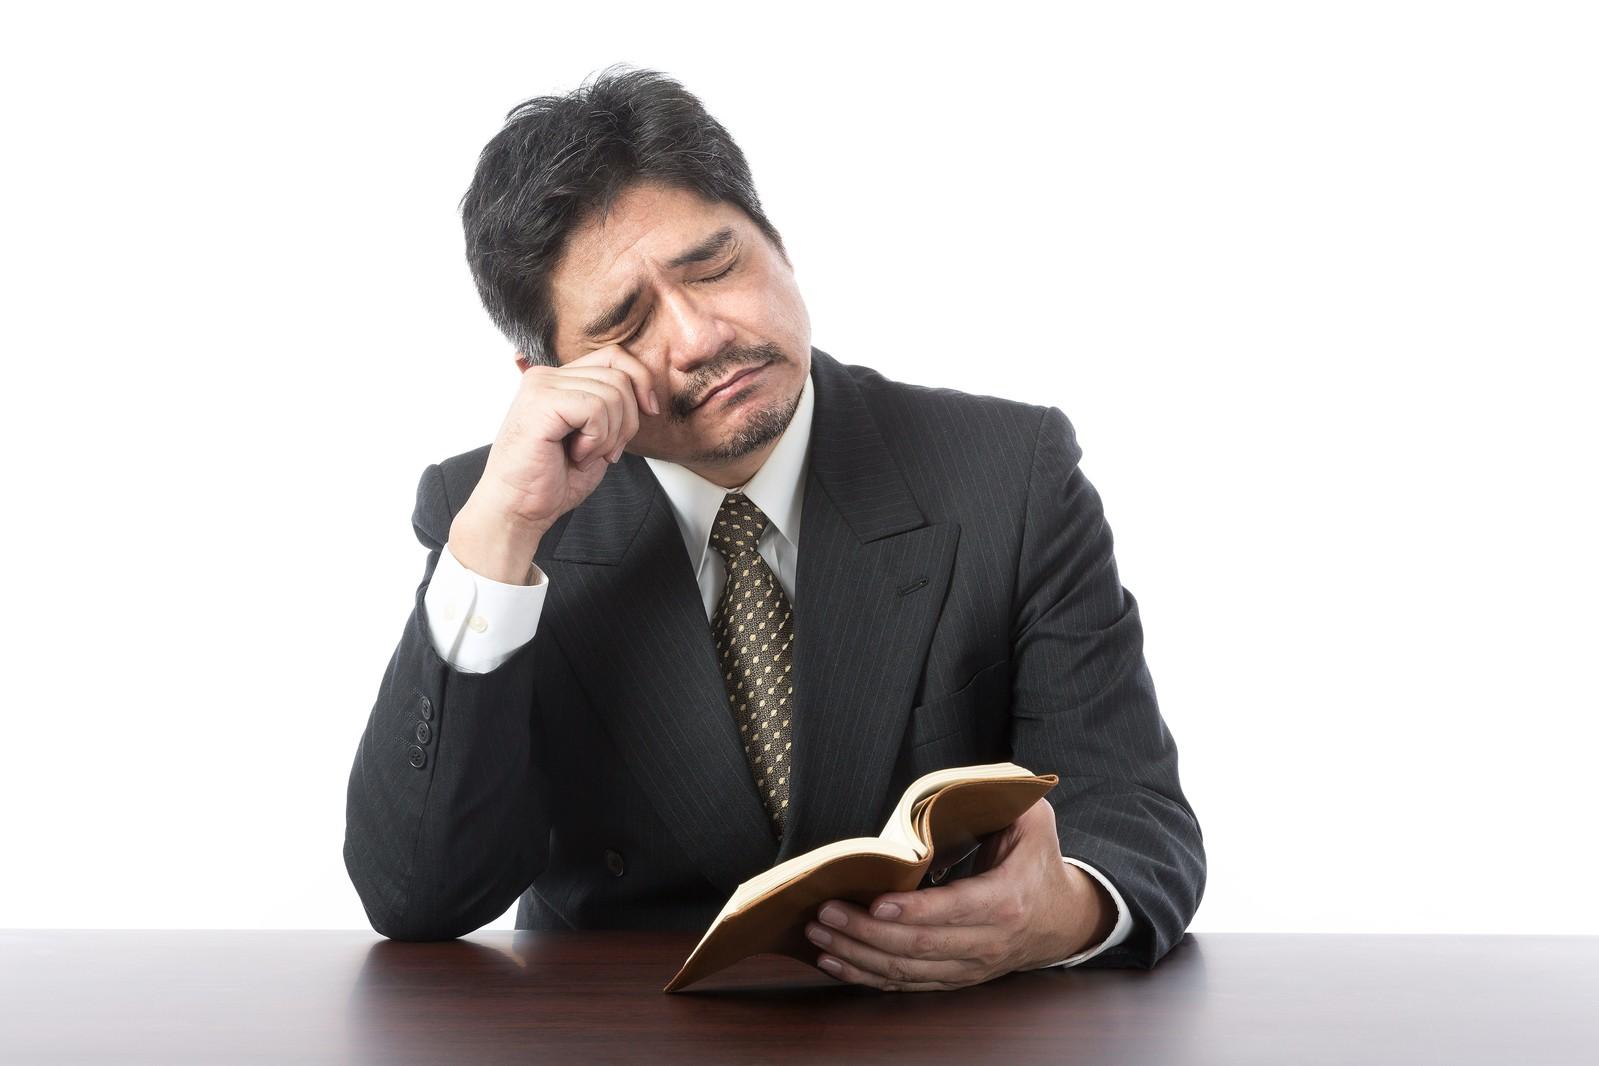 別讓你的辛勞白費,拒絕所有公司不合理的要求!